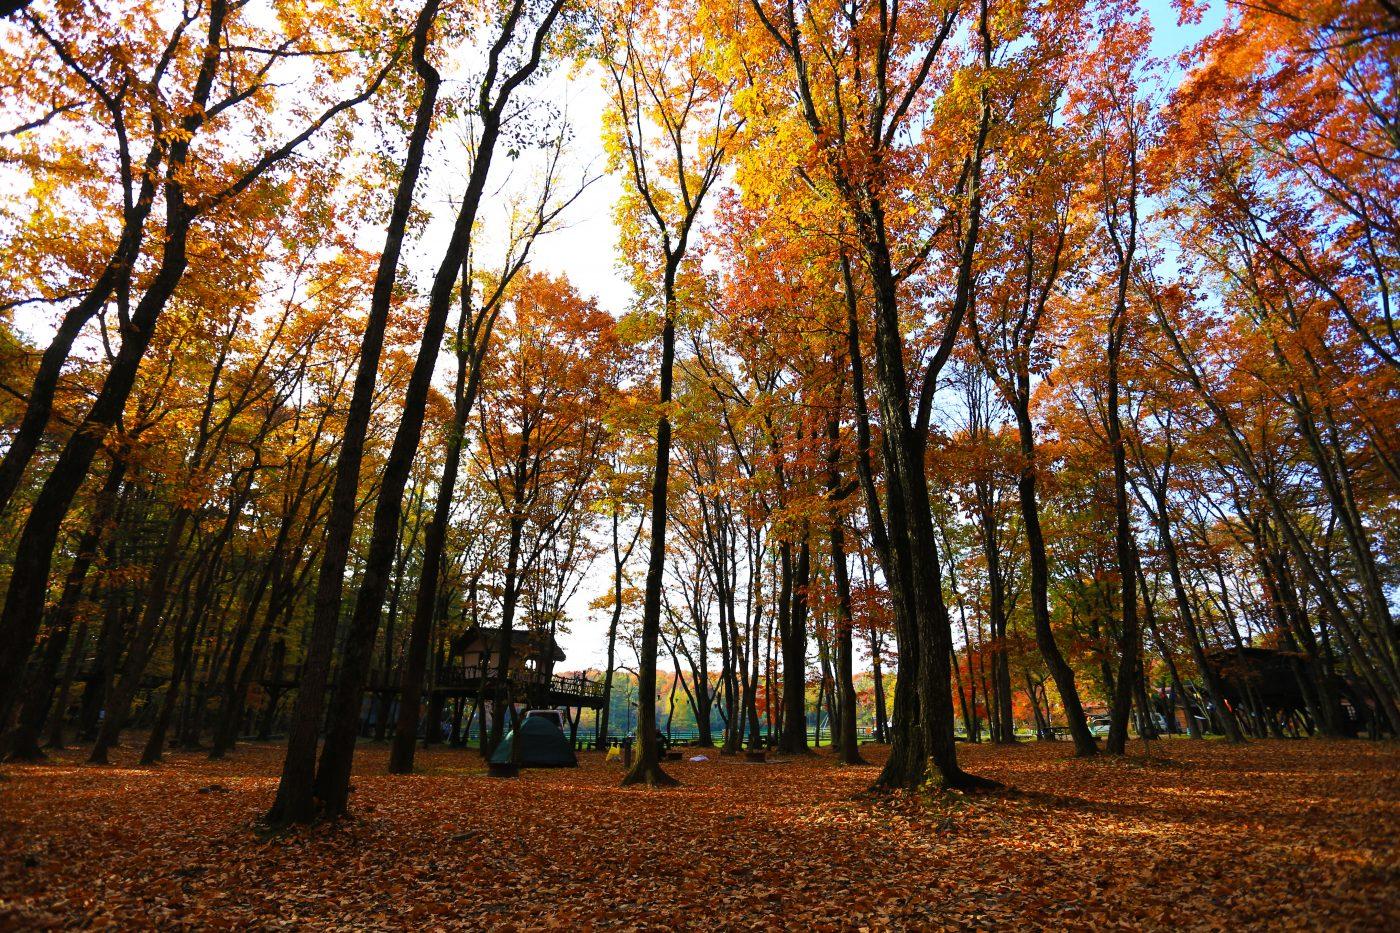 秋冬は本当に暖かい格好でキャンプに行きましょう。